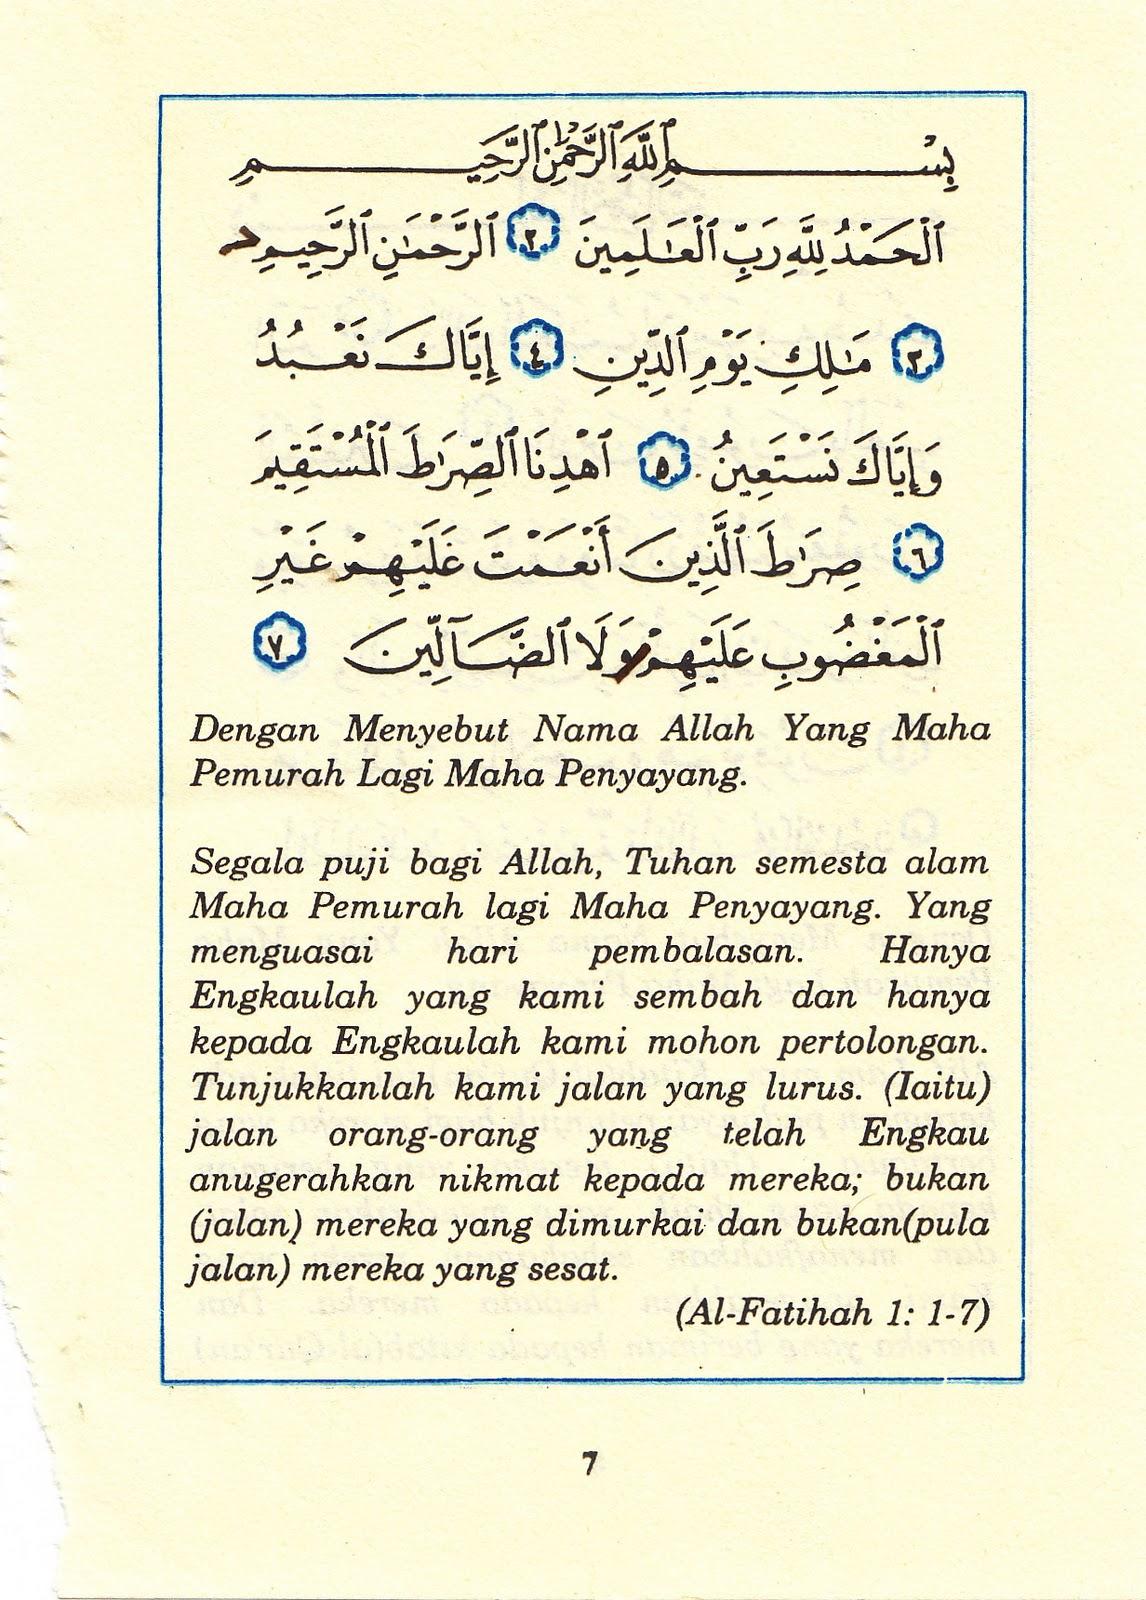 Allahumma Inni As Aluka Ridhoka Wal Jannah : allahumma, aluka, ridhoka, jannah, Doa-Doa, Ringkas, Dibaca, Dalam, Sujud, Sebelum, Salam, Dakwah, Media